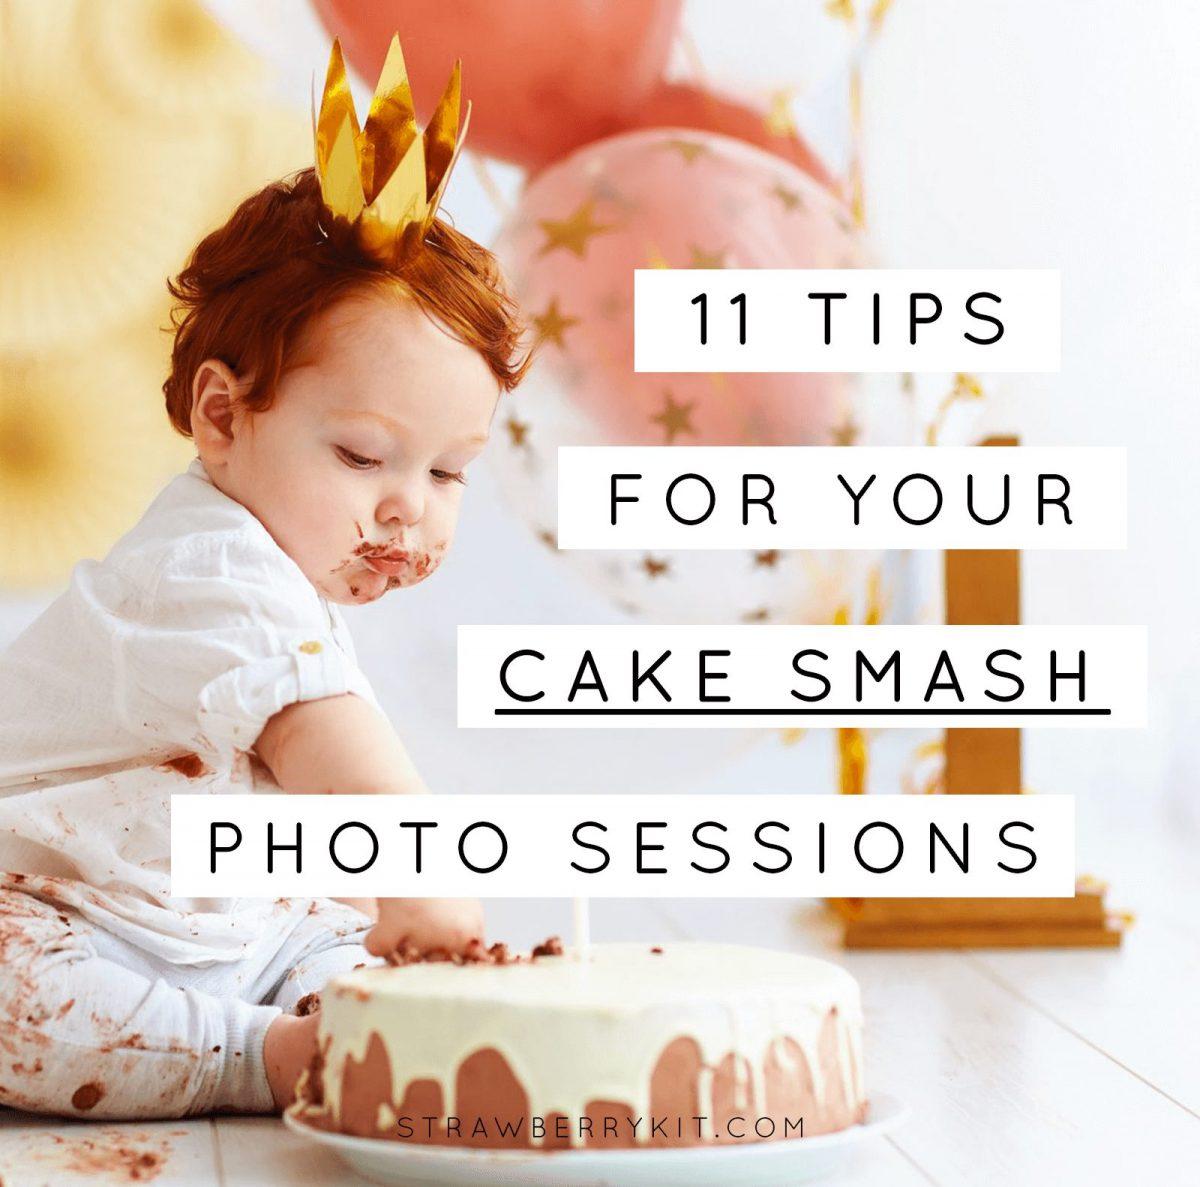 Cake Smash Photo Session Tips